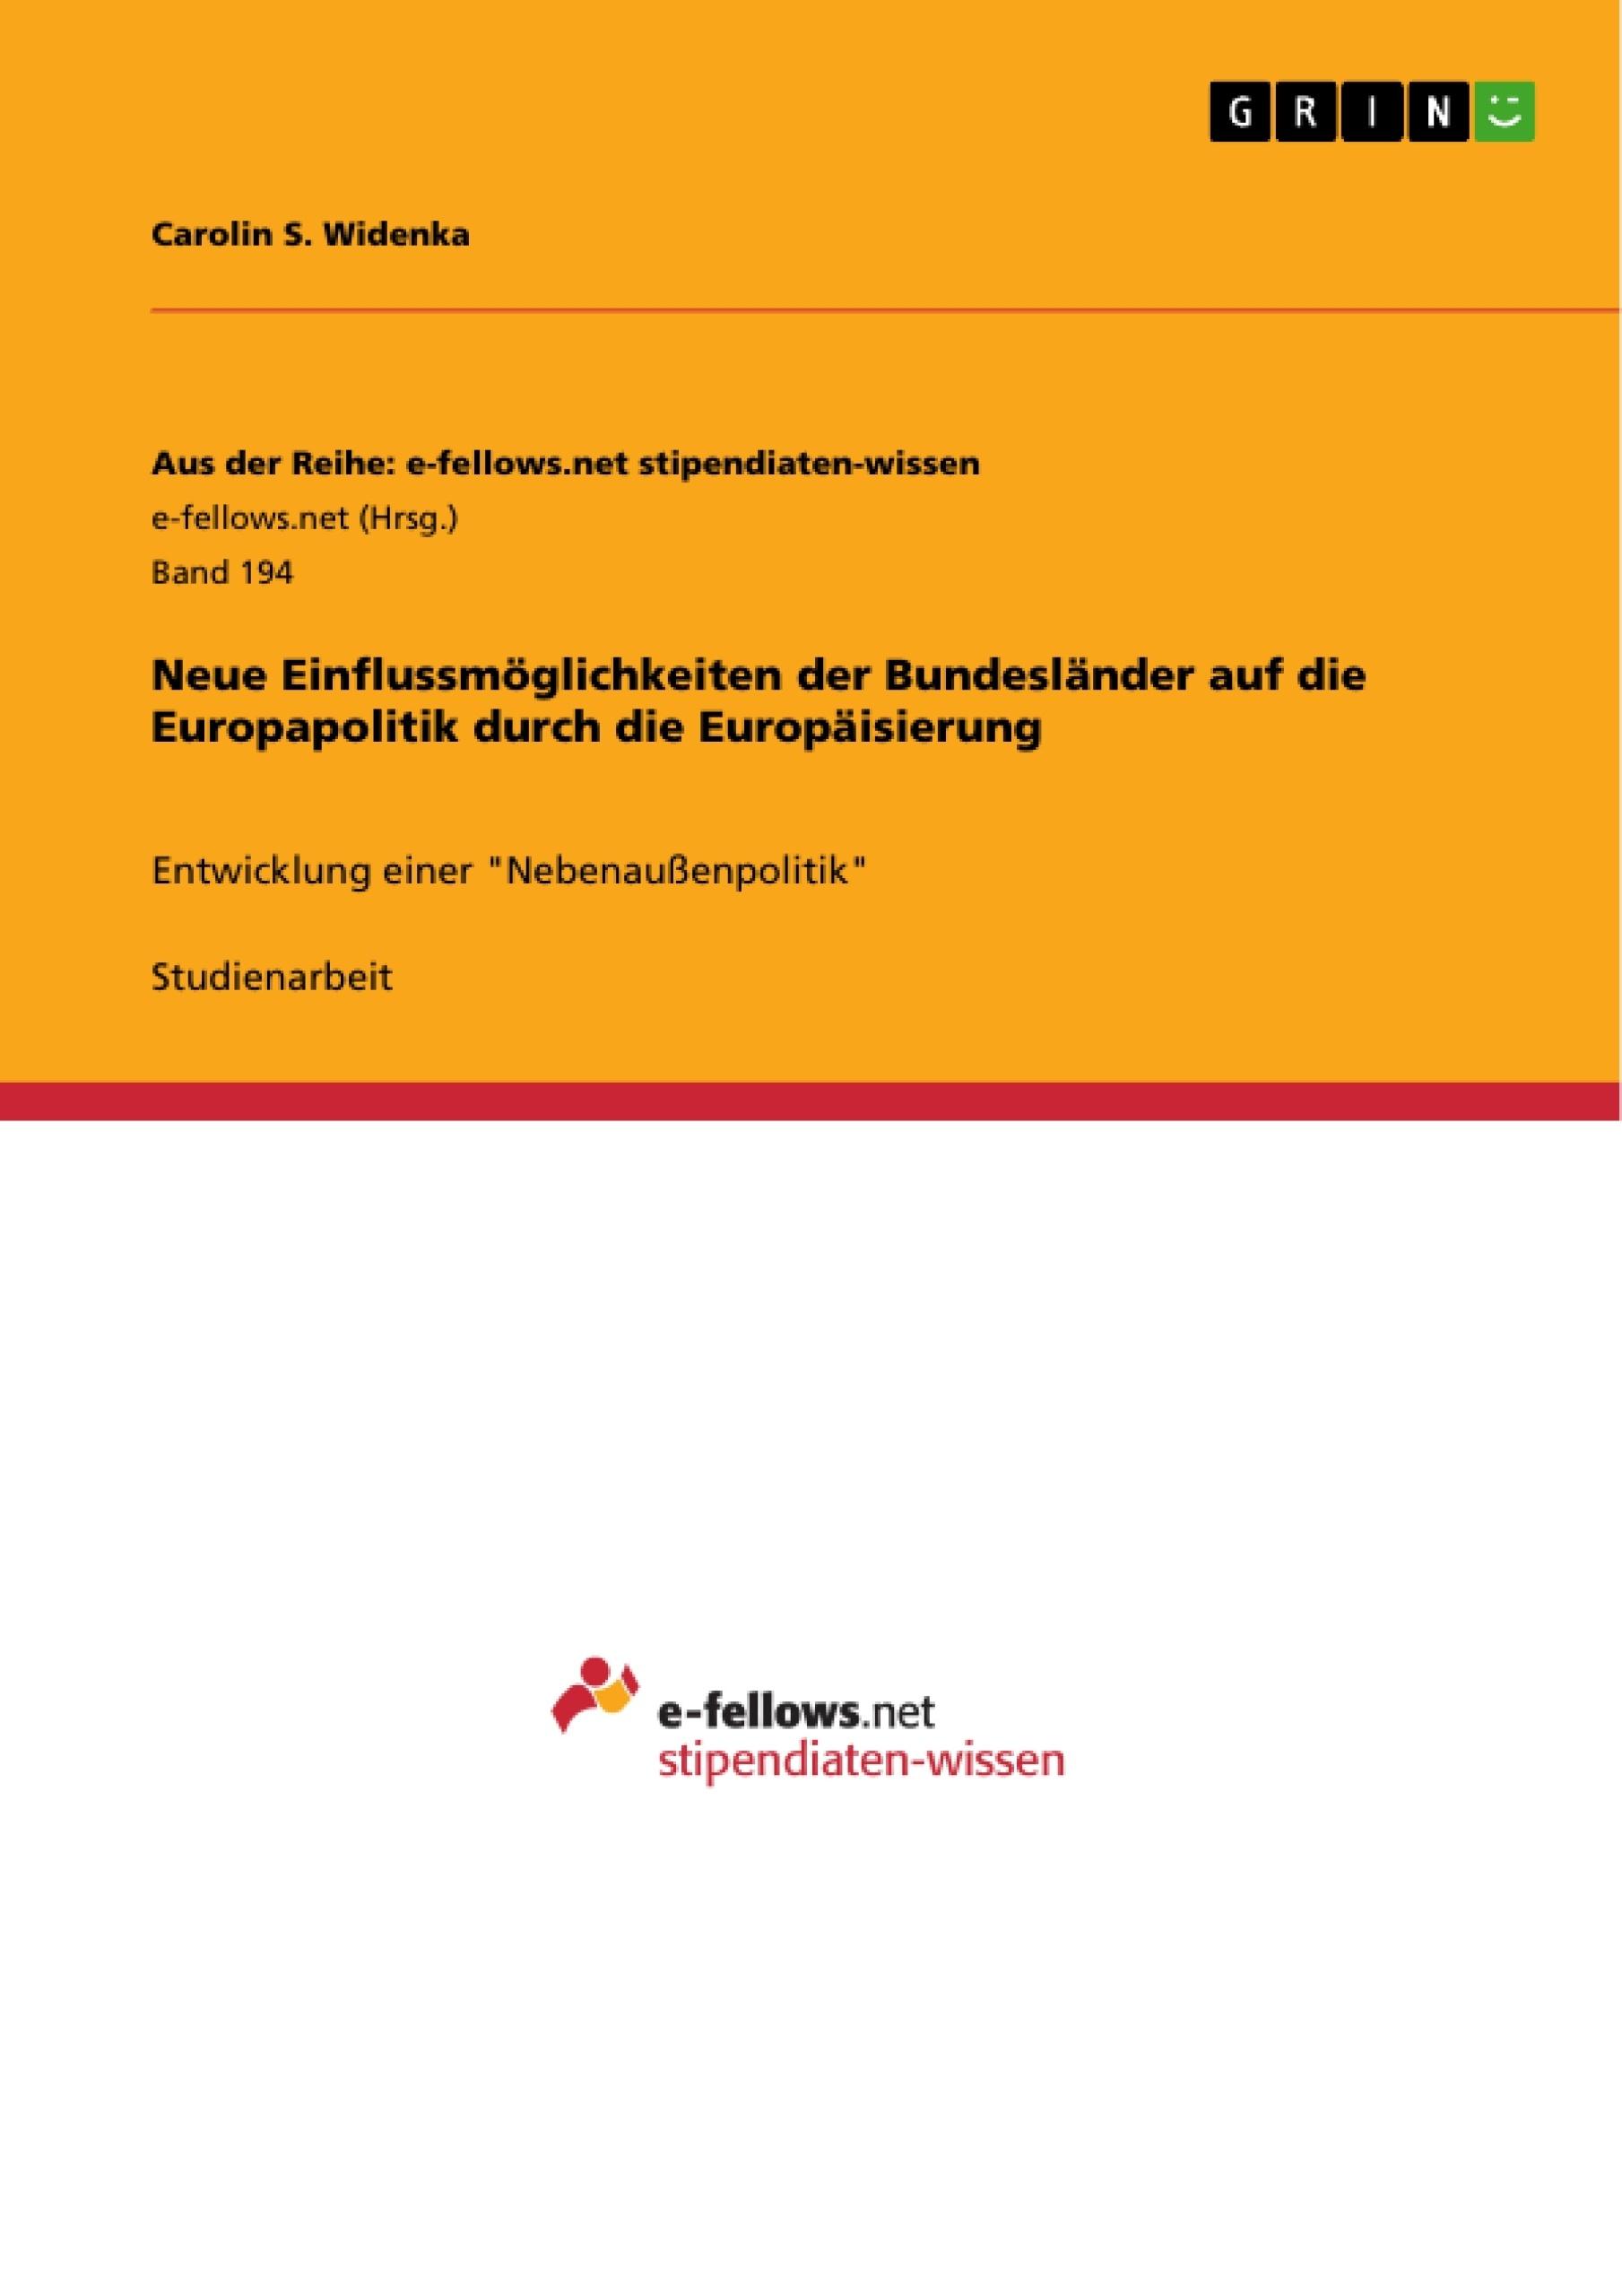 Titel: Neue Einflussmöglichkeiten der Bundesländer auf die Europapolitik durch die Europäisierung